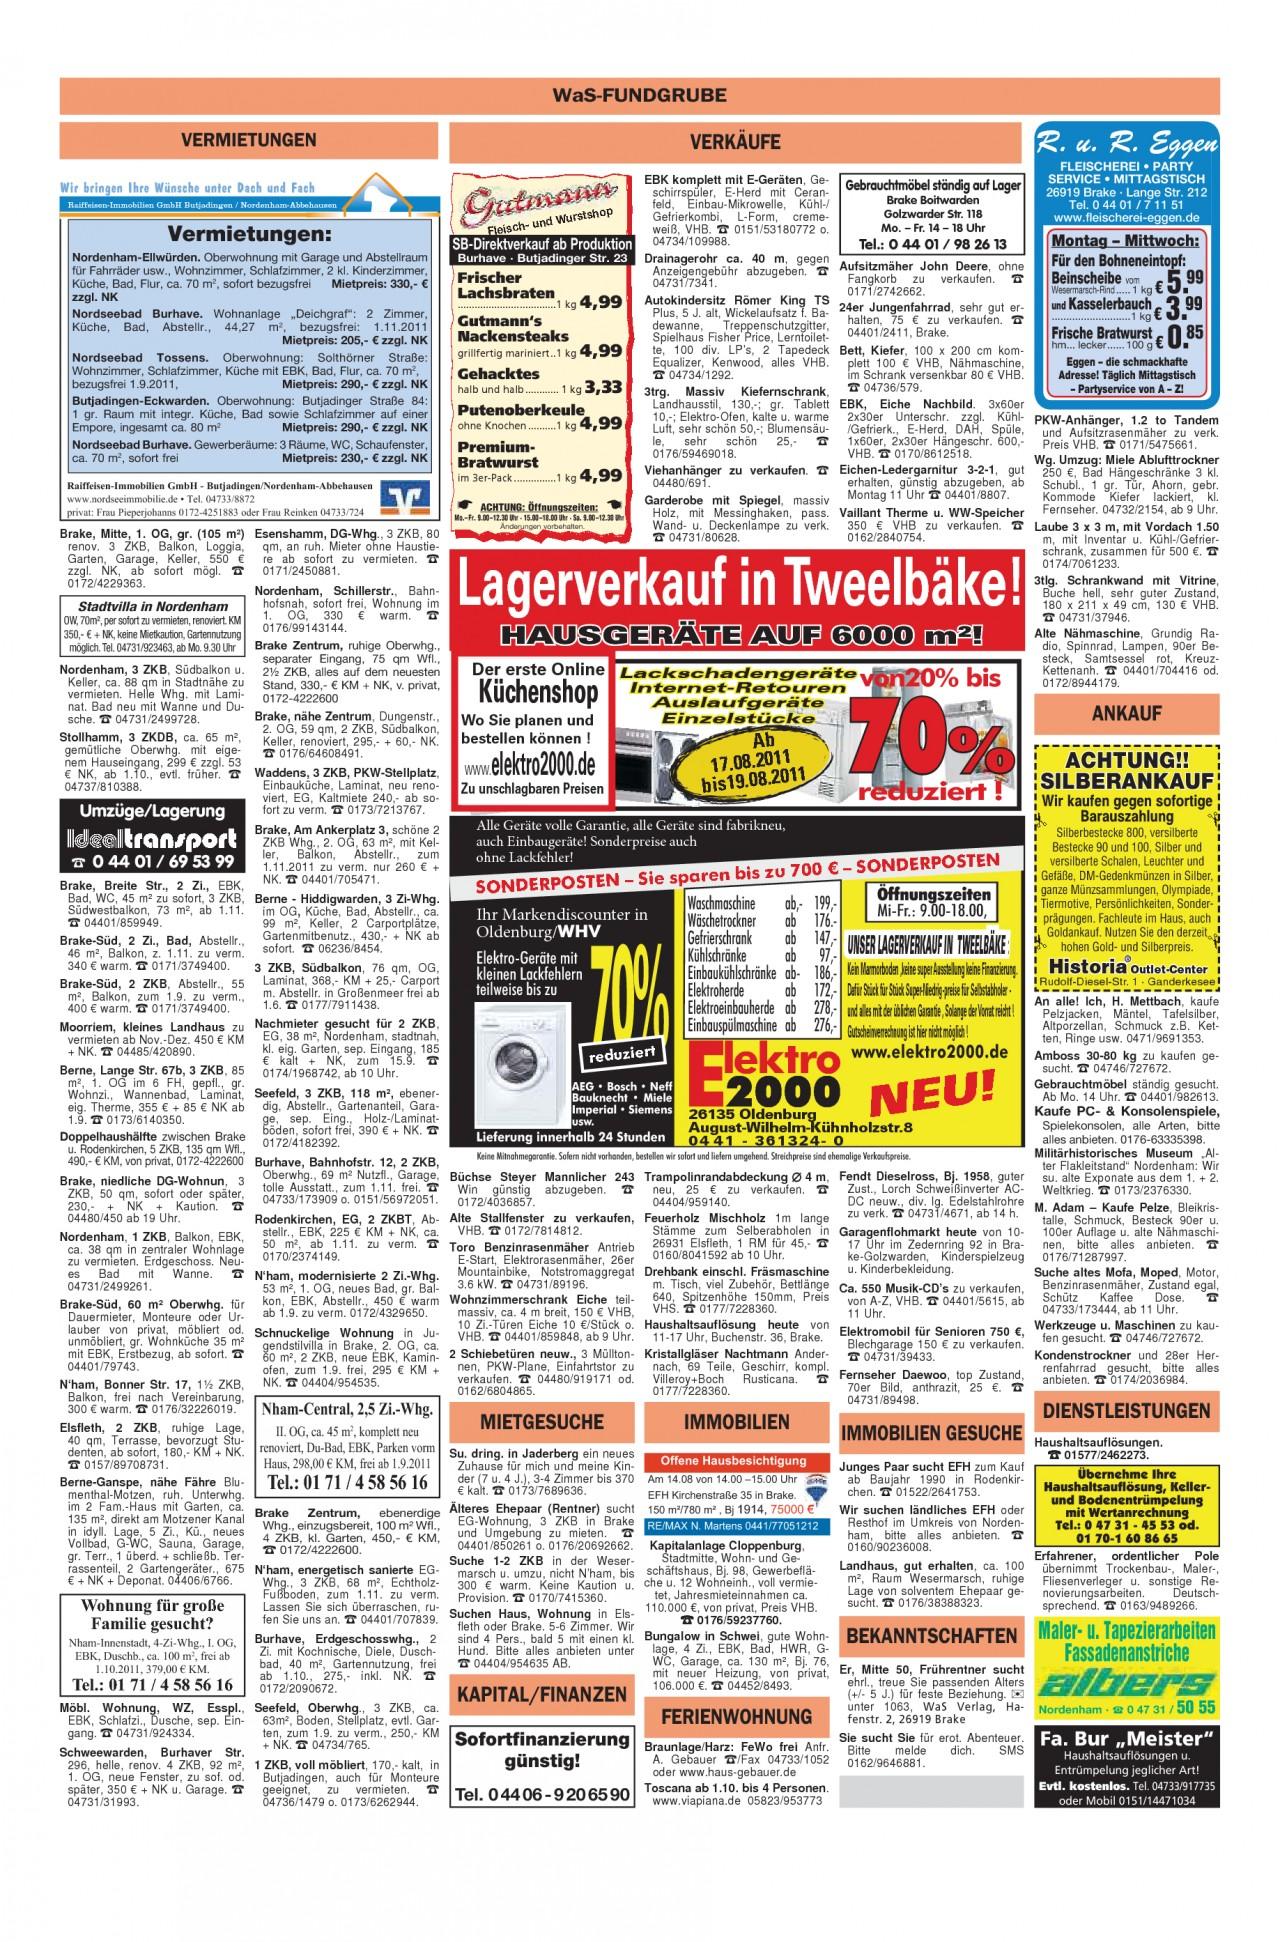 Garten Moorriem Einzigartig Wesermarsch Am sonntag Vom 14 08 2011 Seite 20